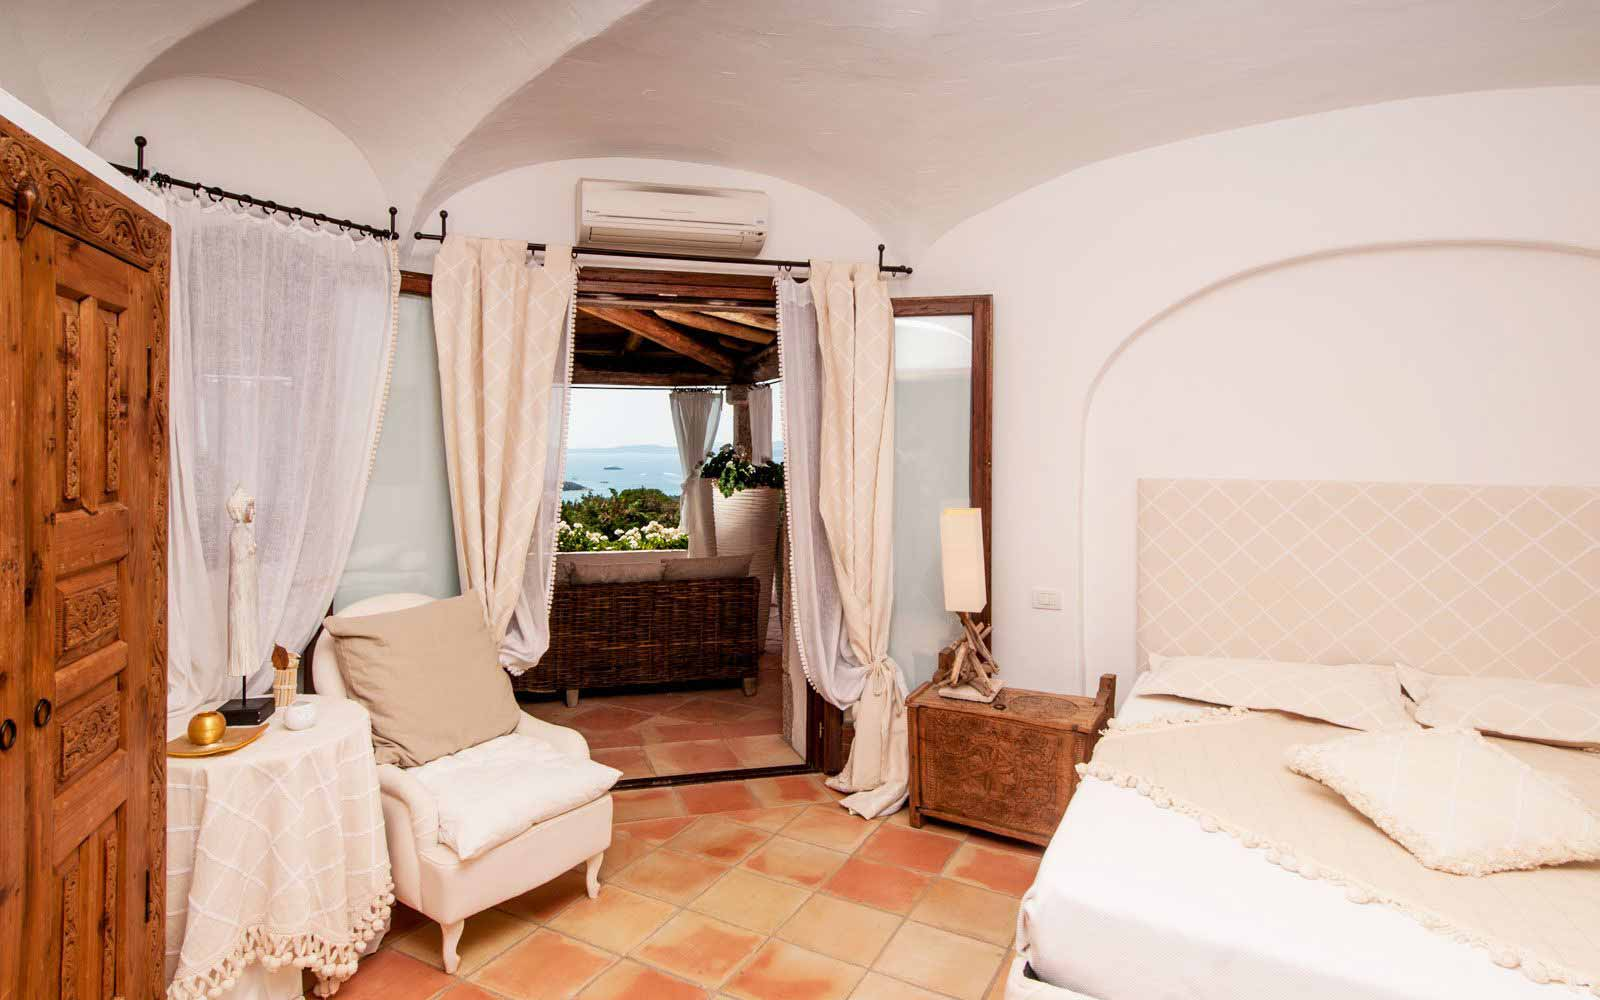 Villa Sole: room / property / locale photo. Image 10